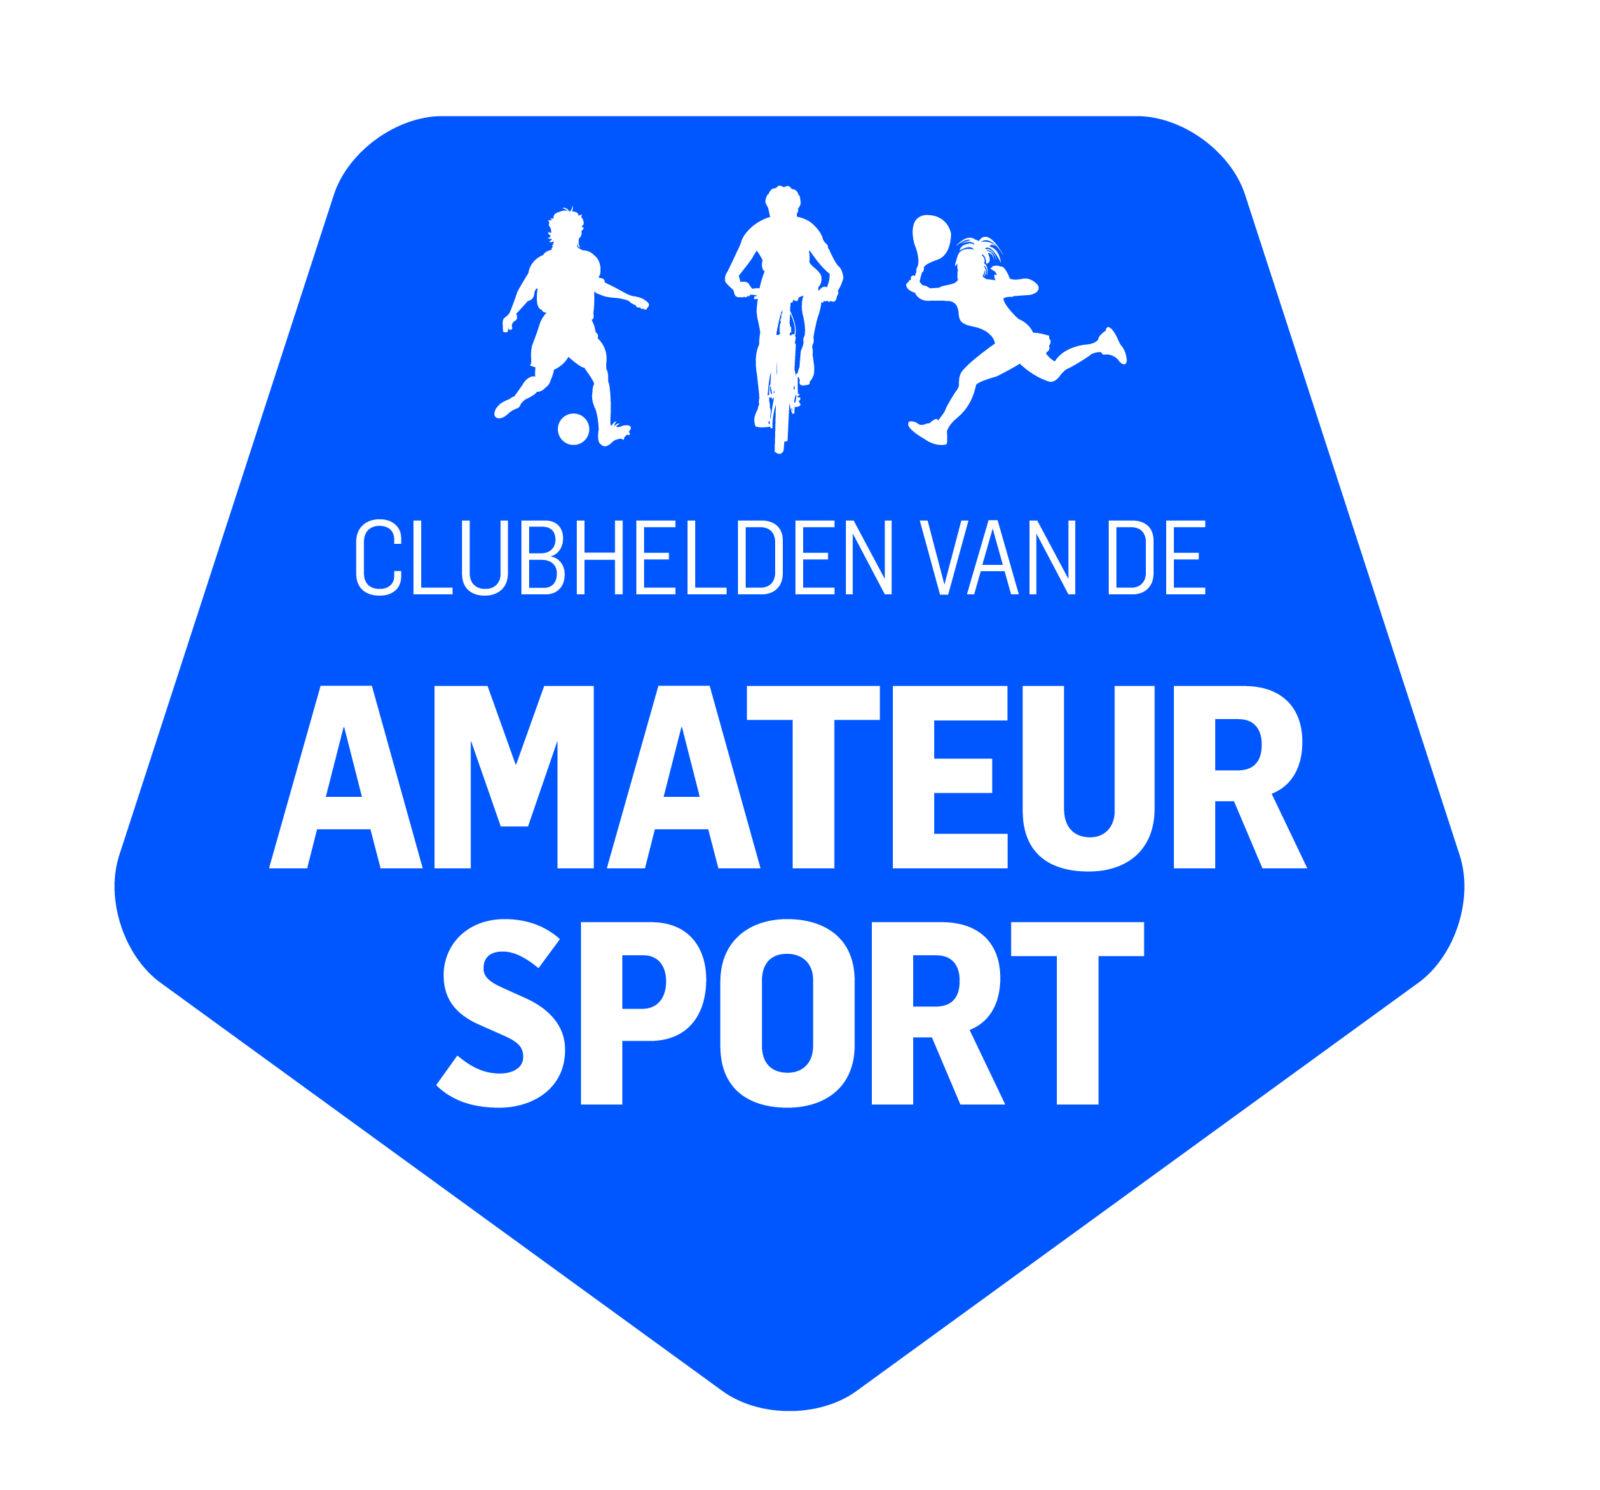 Logo clubhelden van de amateursport b blauw